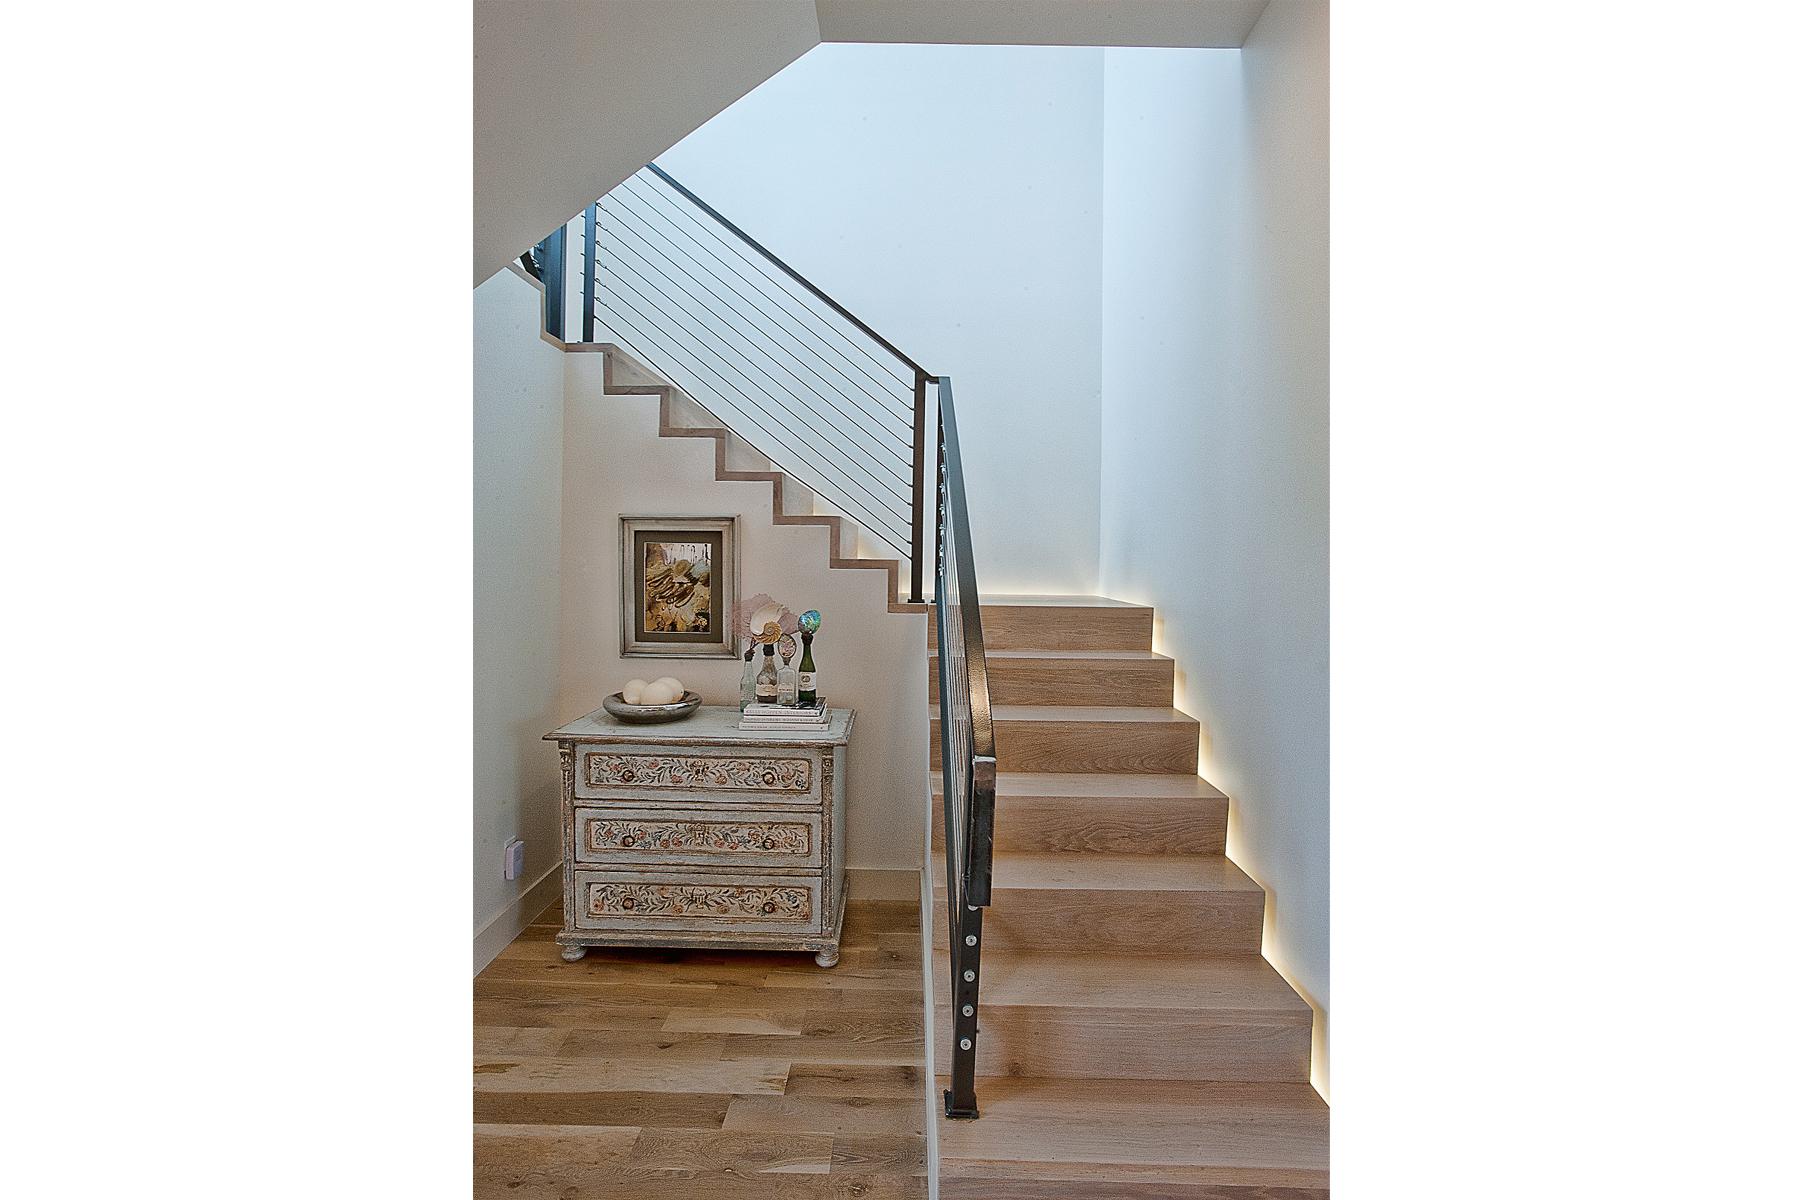 CatMountain-stairs